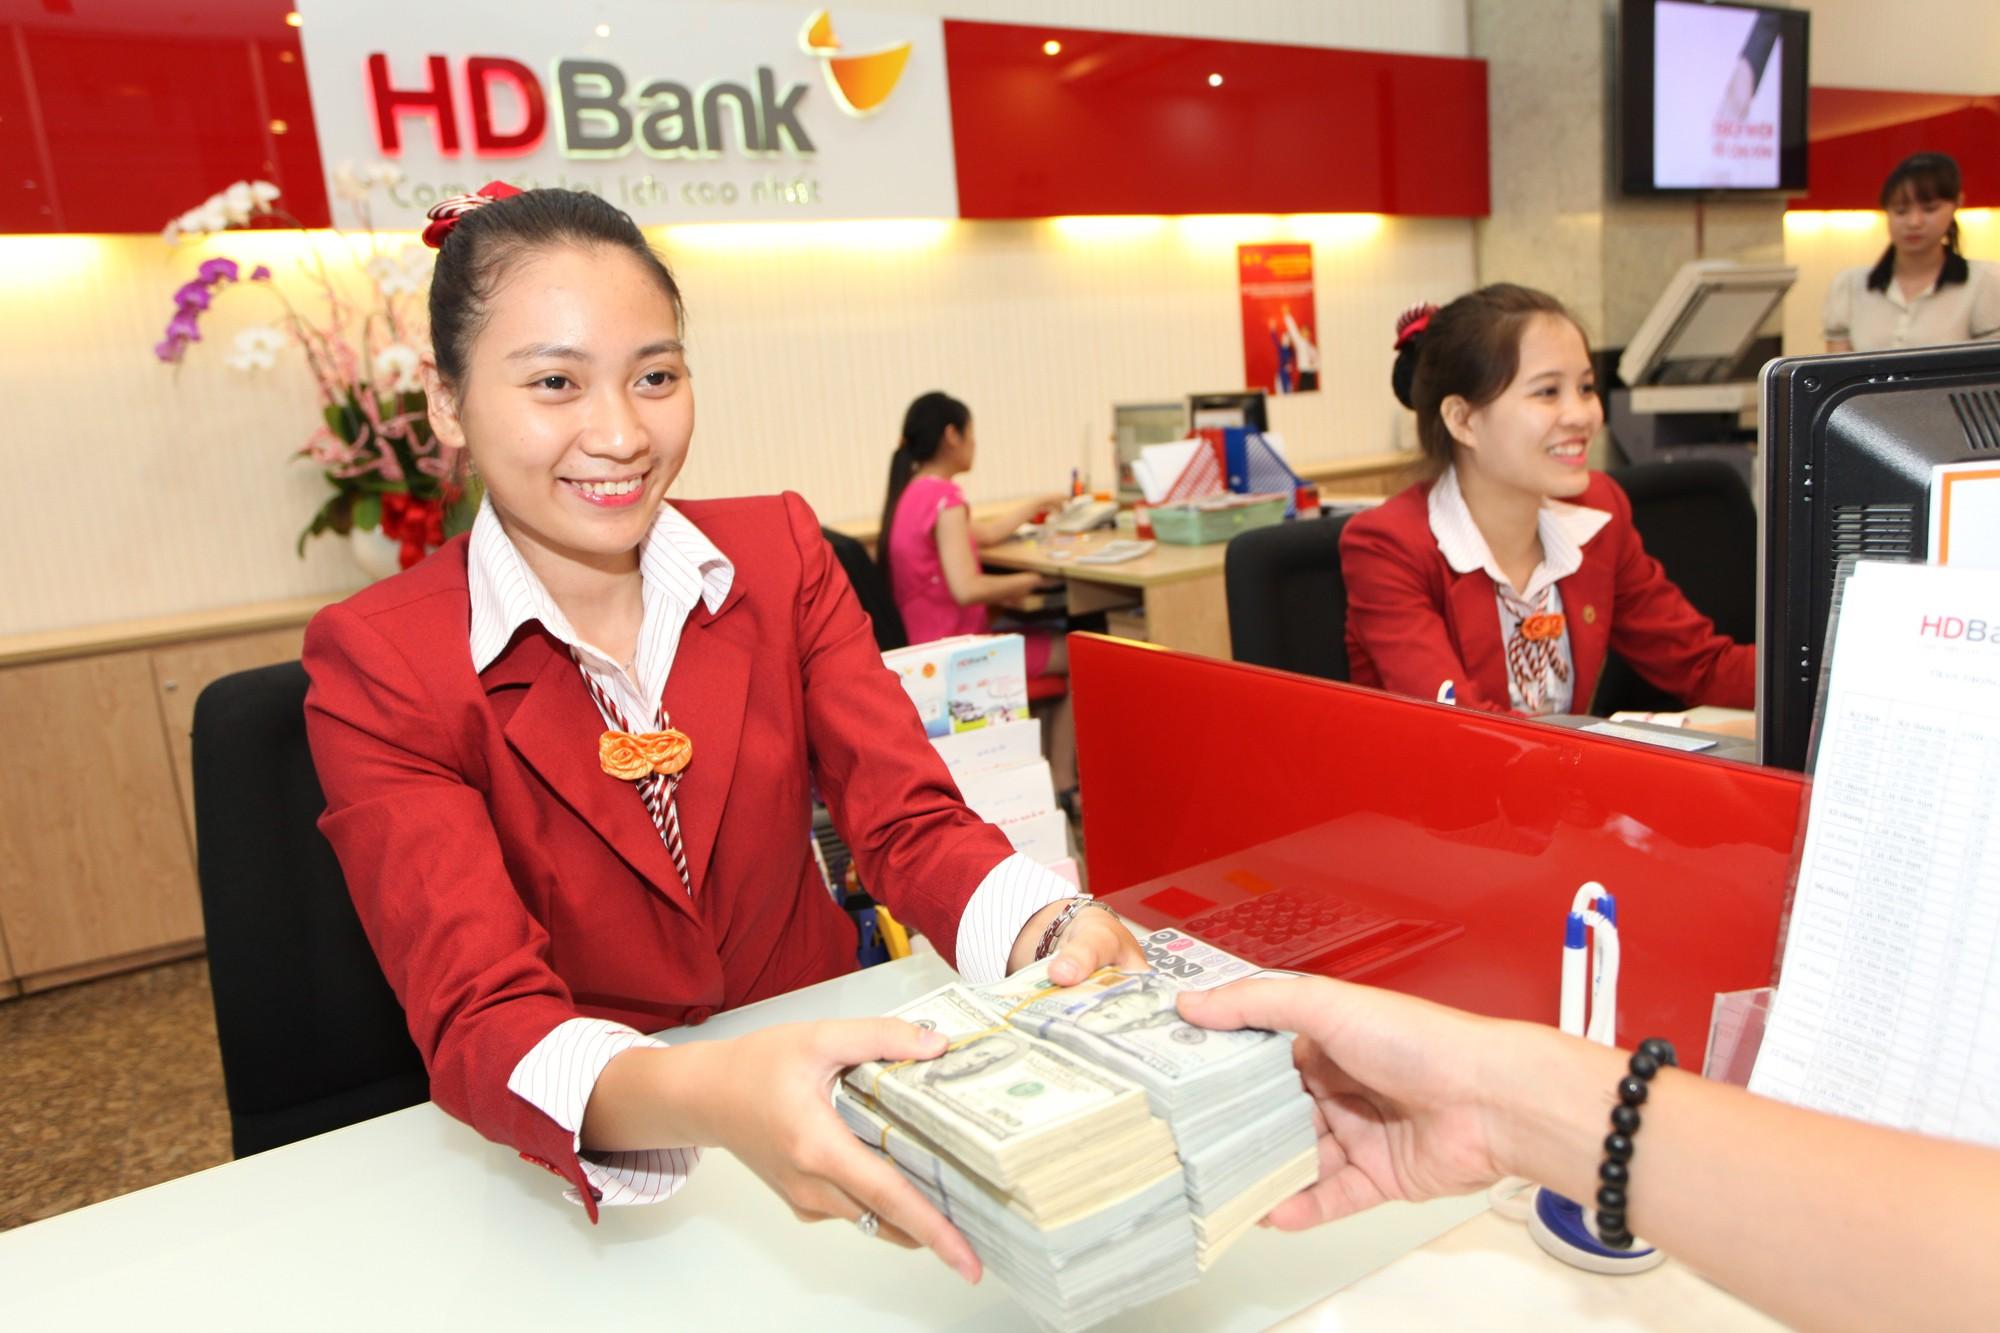 HDBank được phê duyệt chỉ tiêu tăng trưởng tín dụng 24% trong năm 2019? - Ảnh 1.